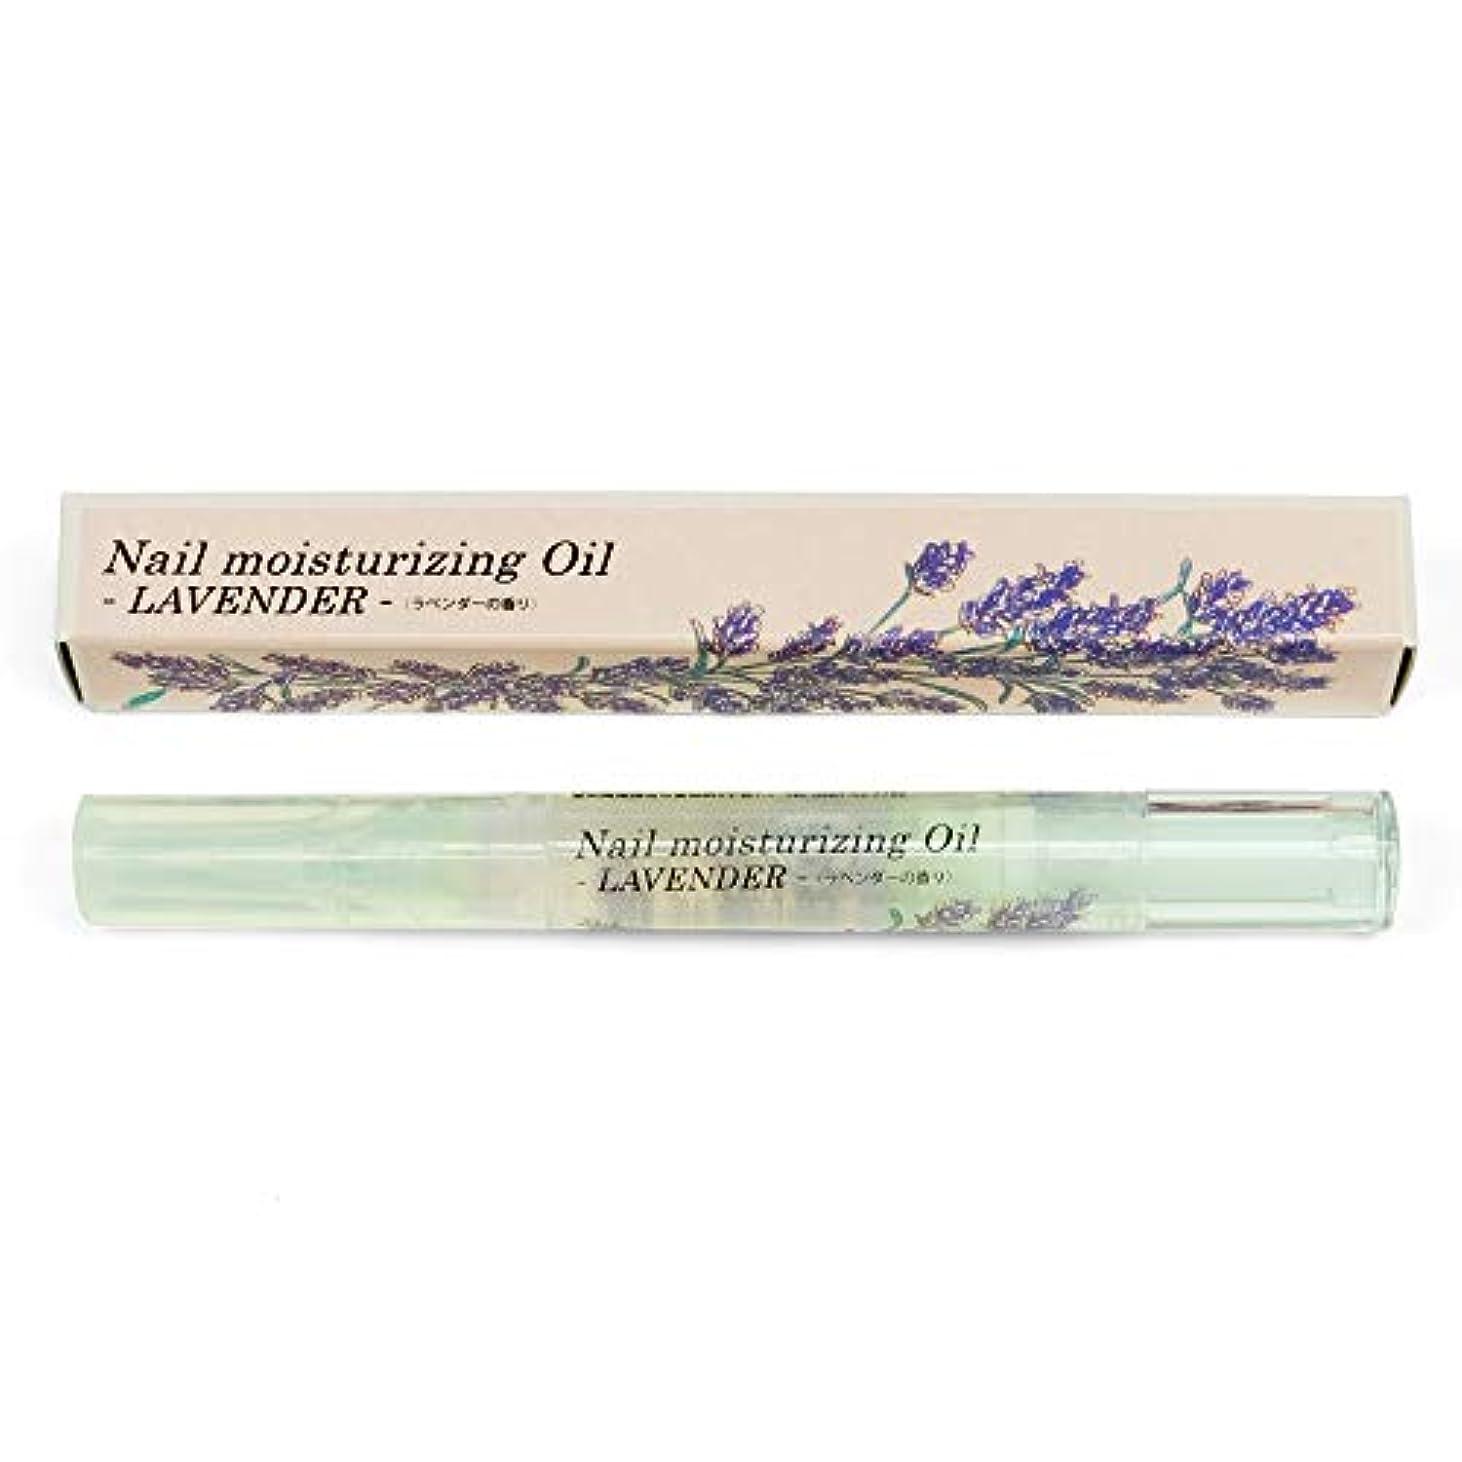 強大な最近外交ease Nail moisturizing Oil ネイルオイルペン(ラベンダーの香り) 2ml